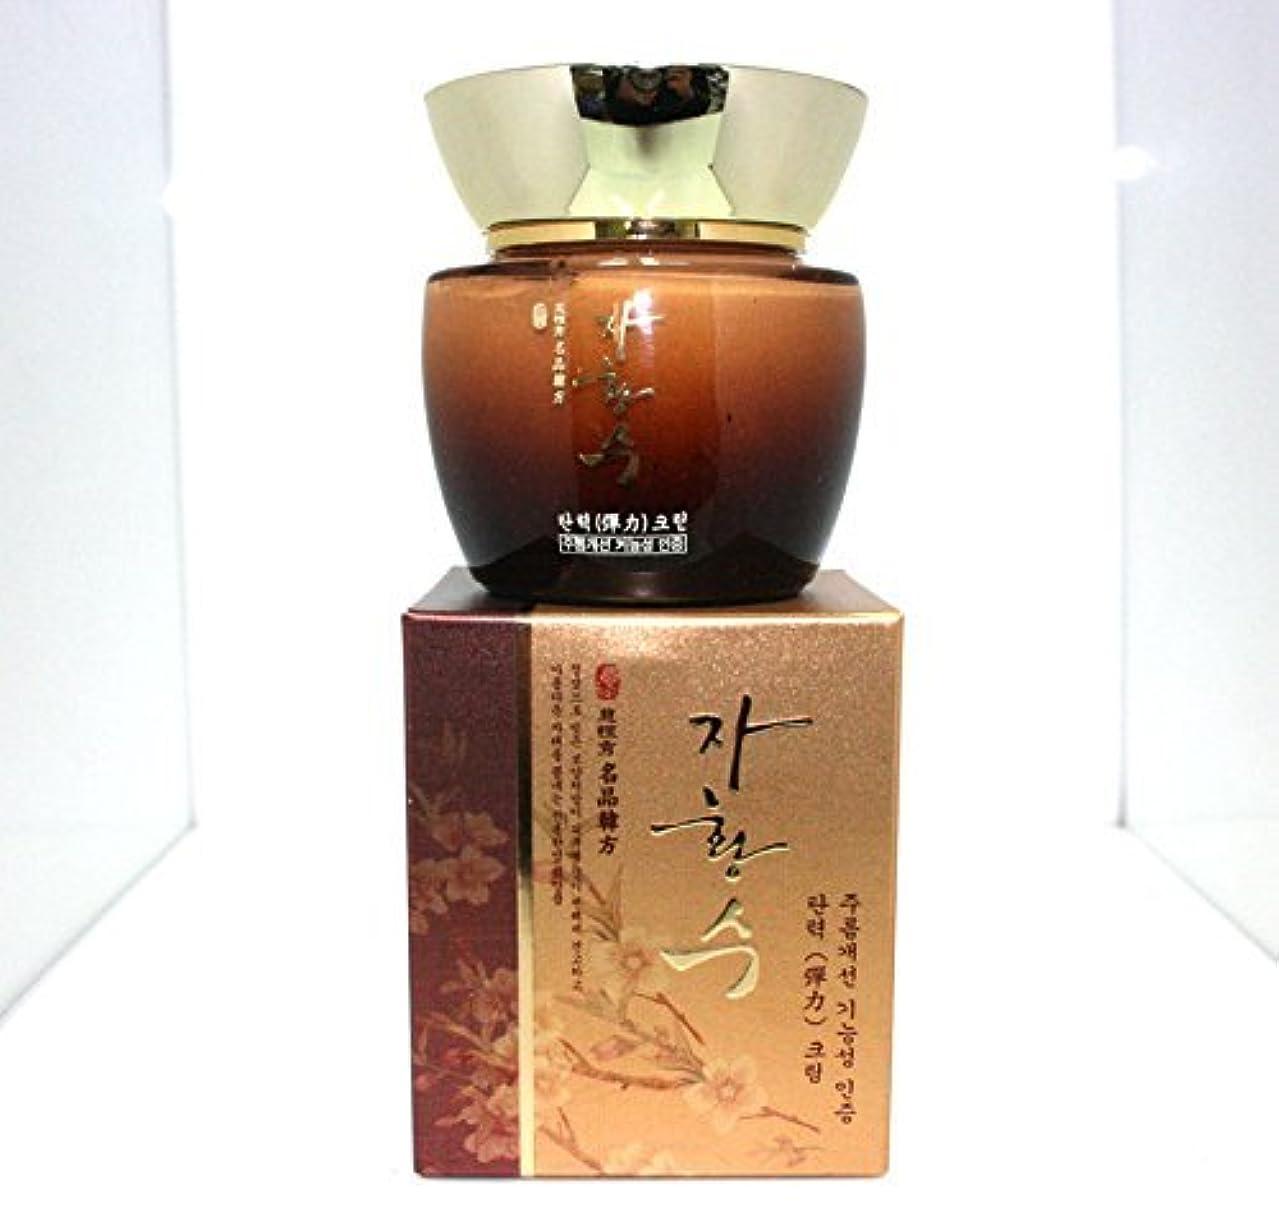 怠ドナーイースター[Ja Hwang Su] 弾性クリーム50ml /ハーブとローヤルゼリー/ 韓国化粧品 / Elastic Cream 50ml / herbs and Royal Jelly / Korean Cosmetics [...